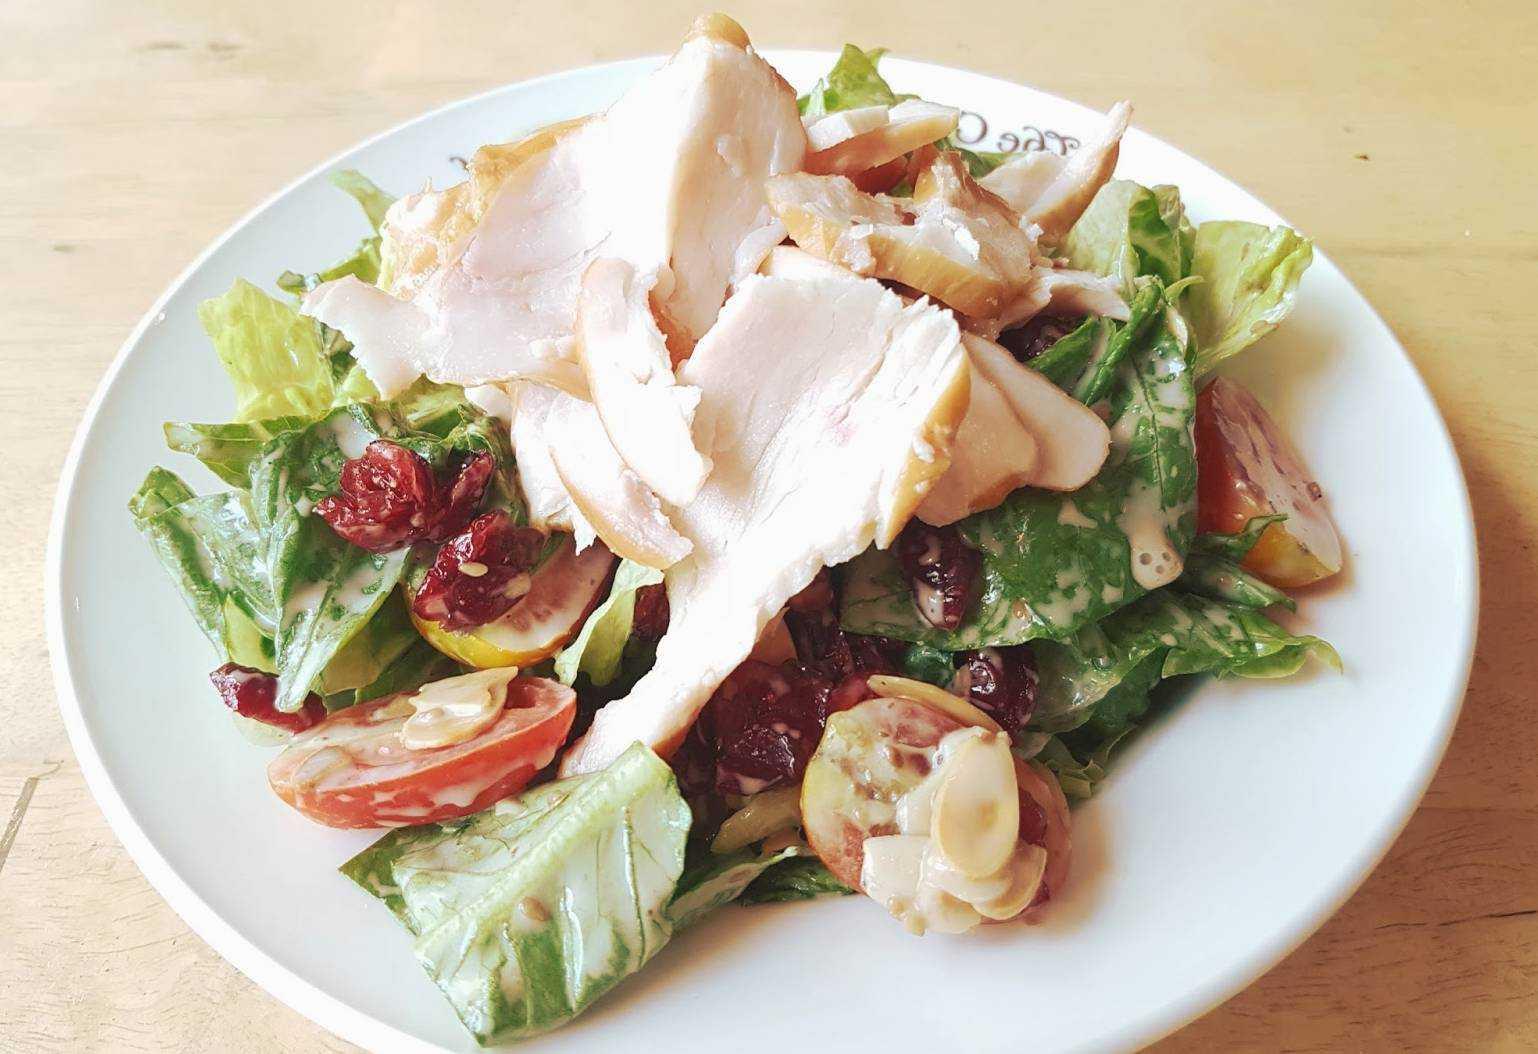 Салат курица под кайфом - не форматное блюдо в рамках кулинарного творчества: рецепт с фото и видео